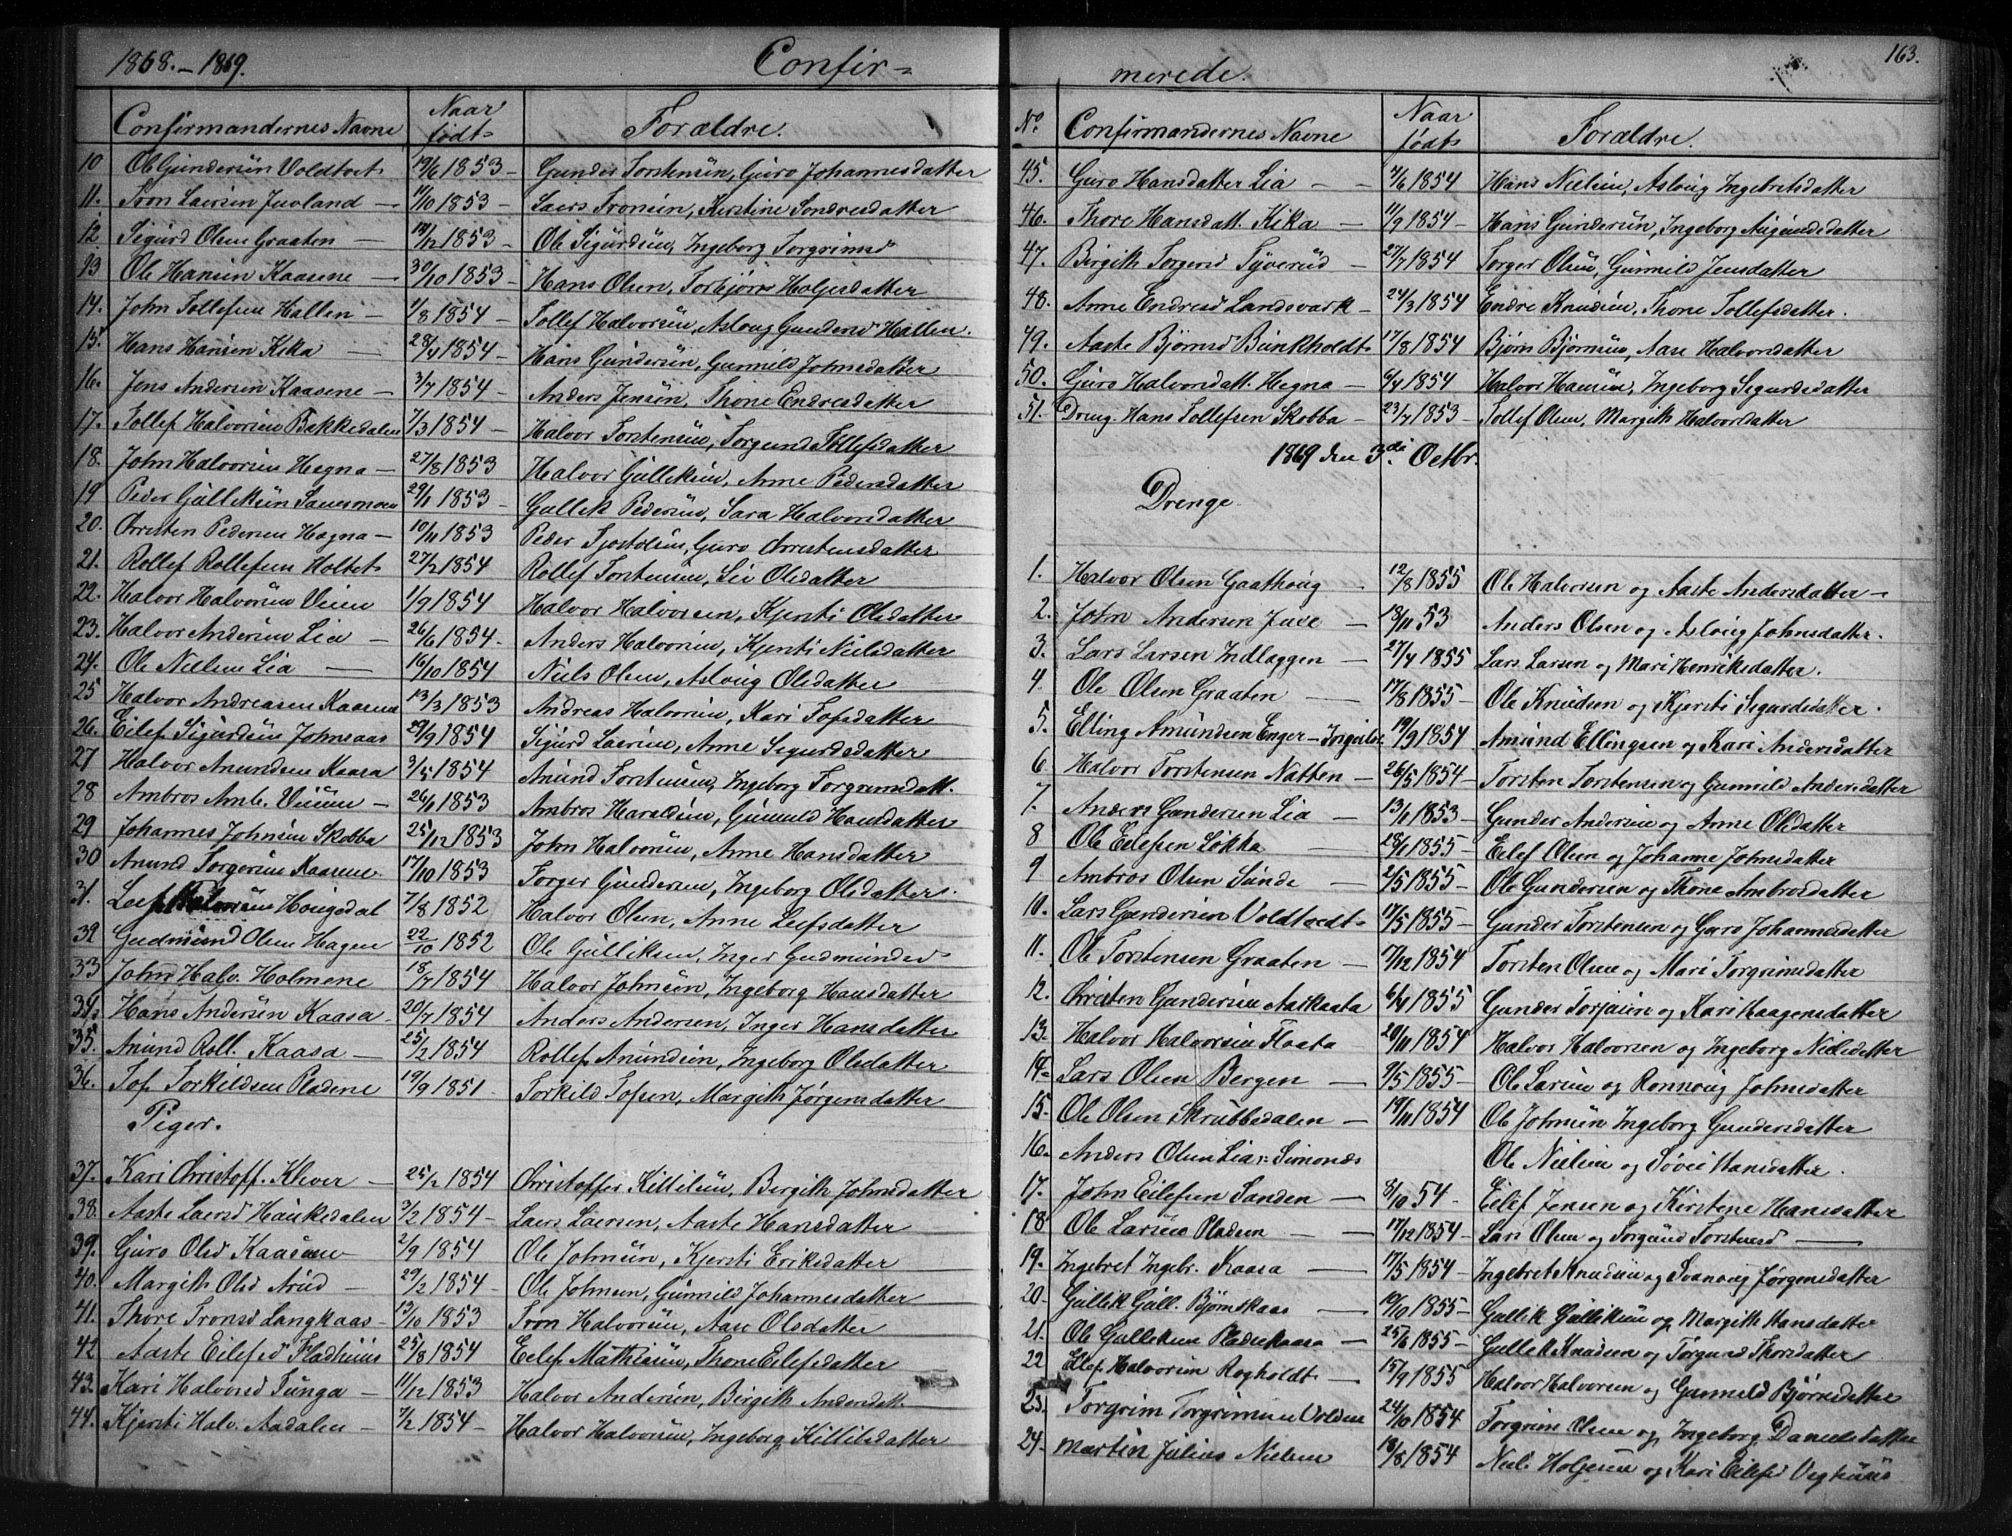 SAKO, Sauherad kirkebøker, G/Ga/L0003: Klokkerbok nr. I 3, 1866-1905, s. 163